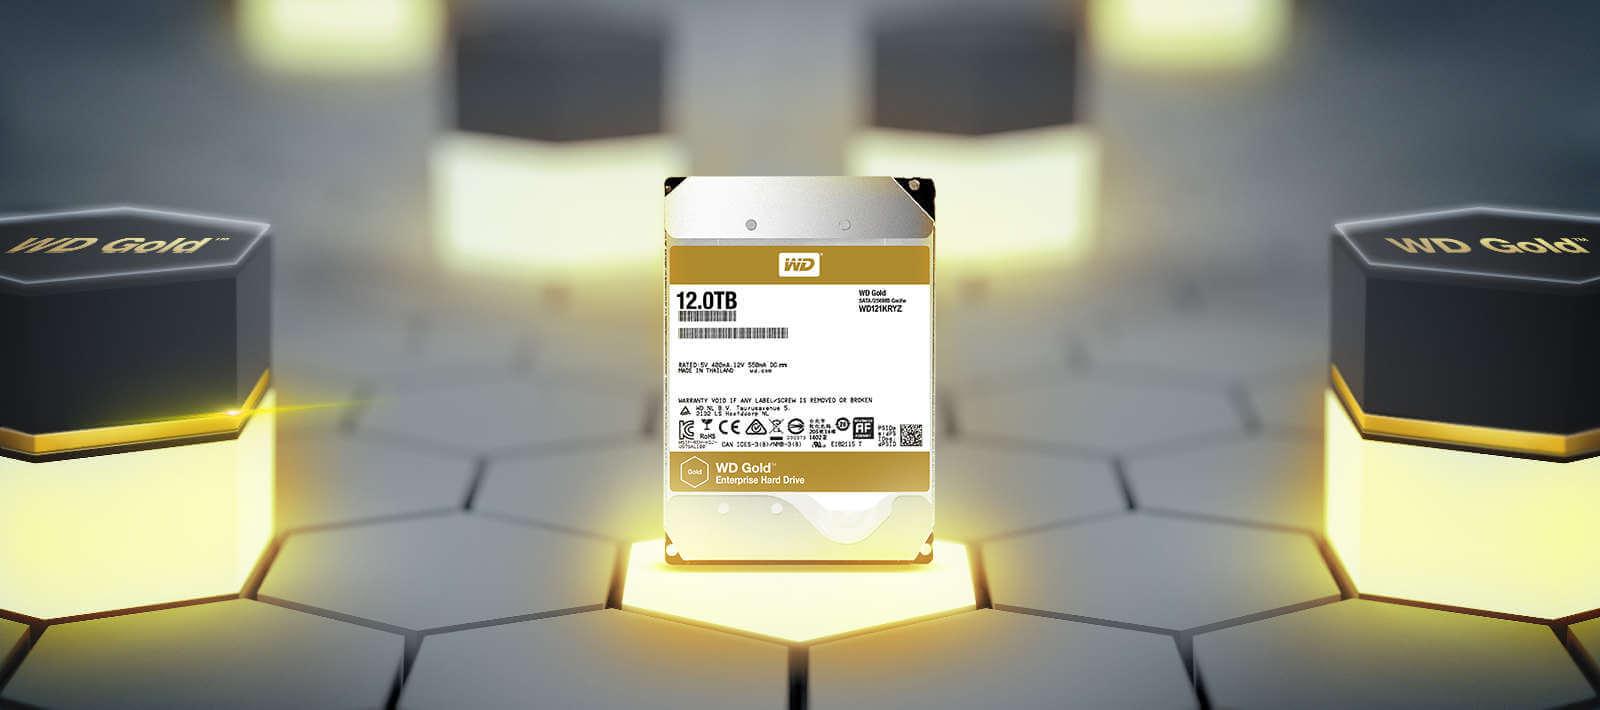 hdd wd gold 4tb ssdbazar 2 2 - هارد دیسک وسترن دیجیتال Western Digital HDD Gold 8TB